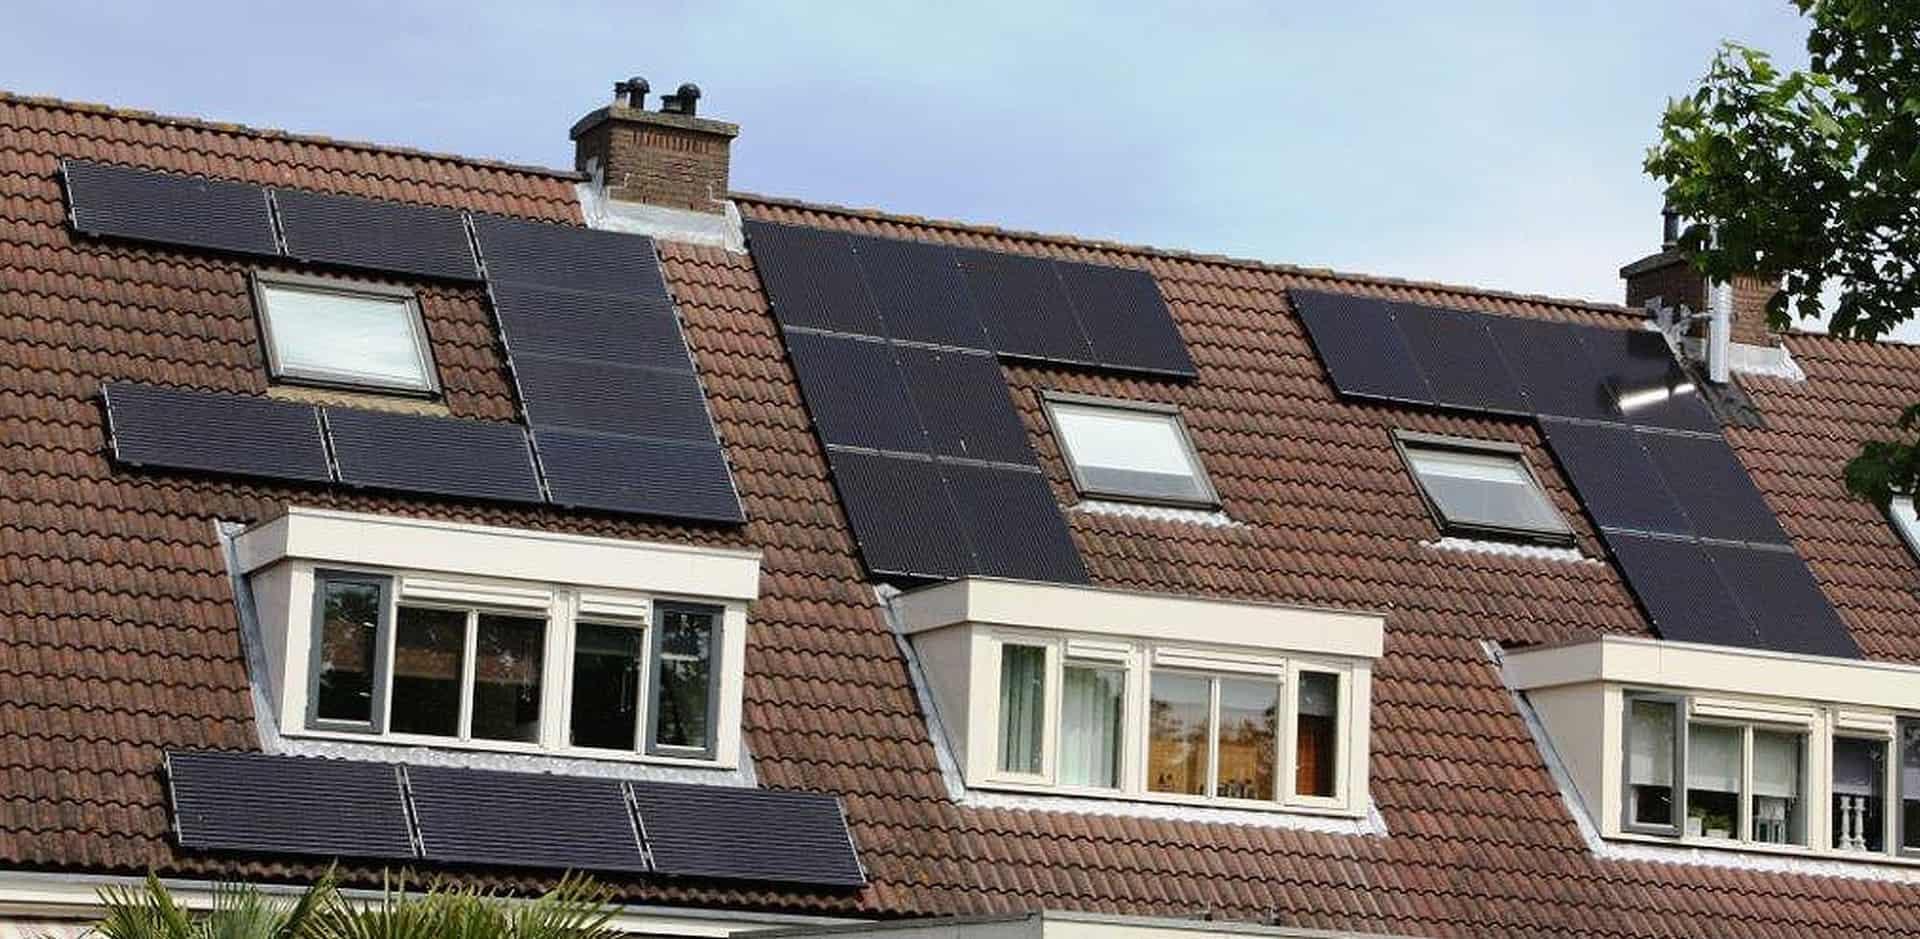 Actie zonnepanelen levert 500 opdrachten op